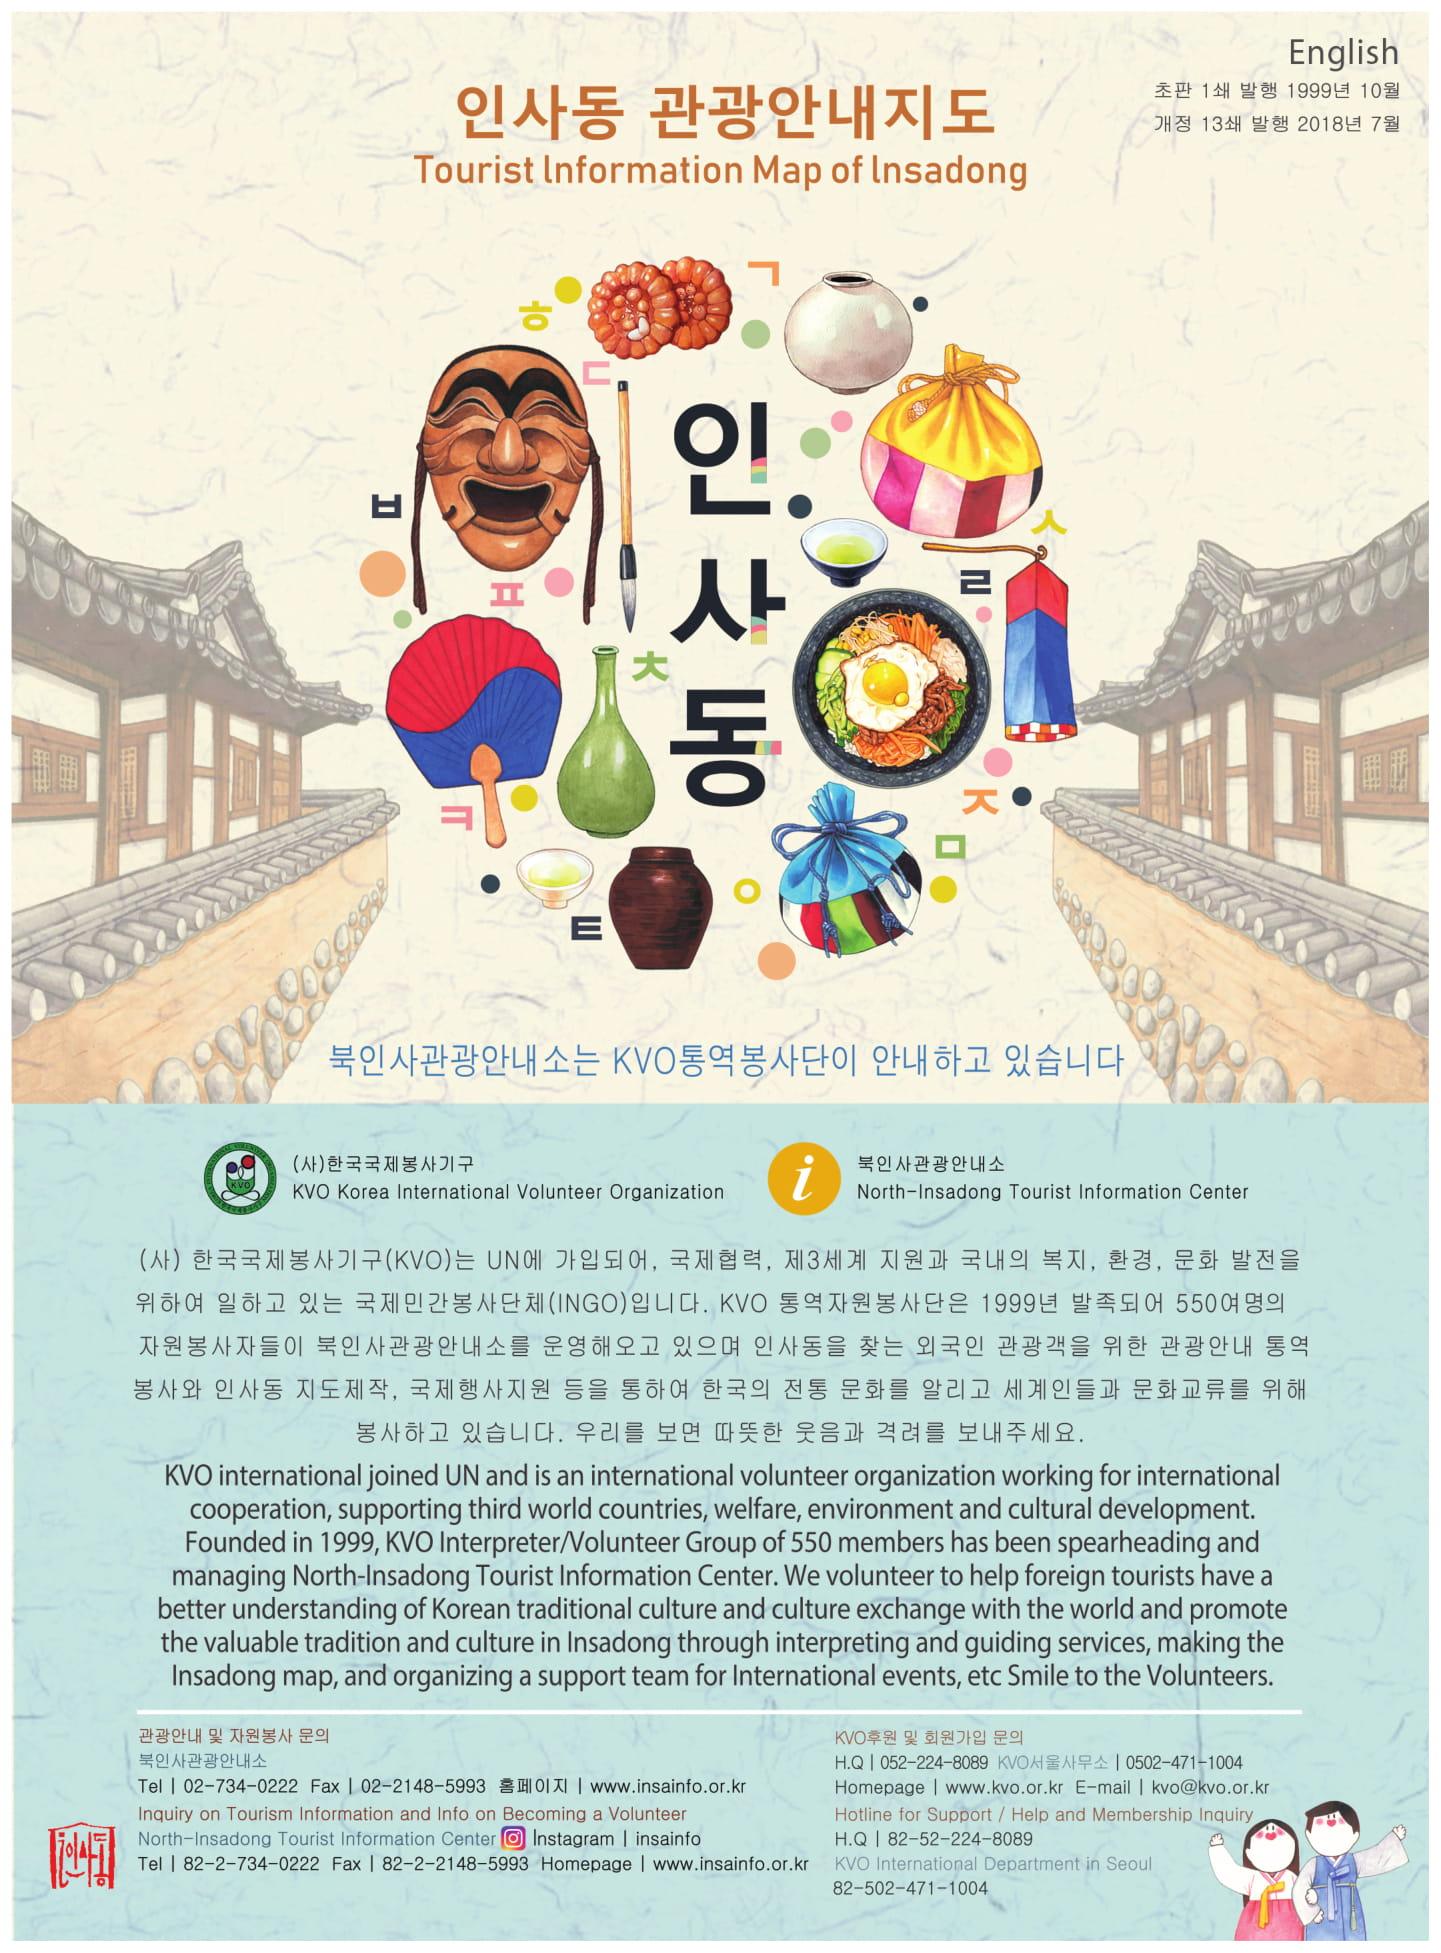 2018년 인사동 안내지도 영어한국어 표지.jpg